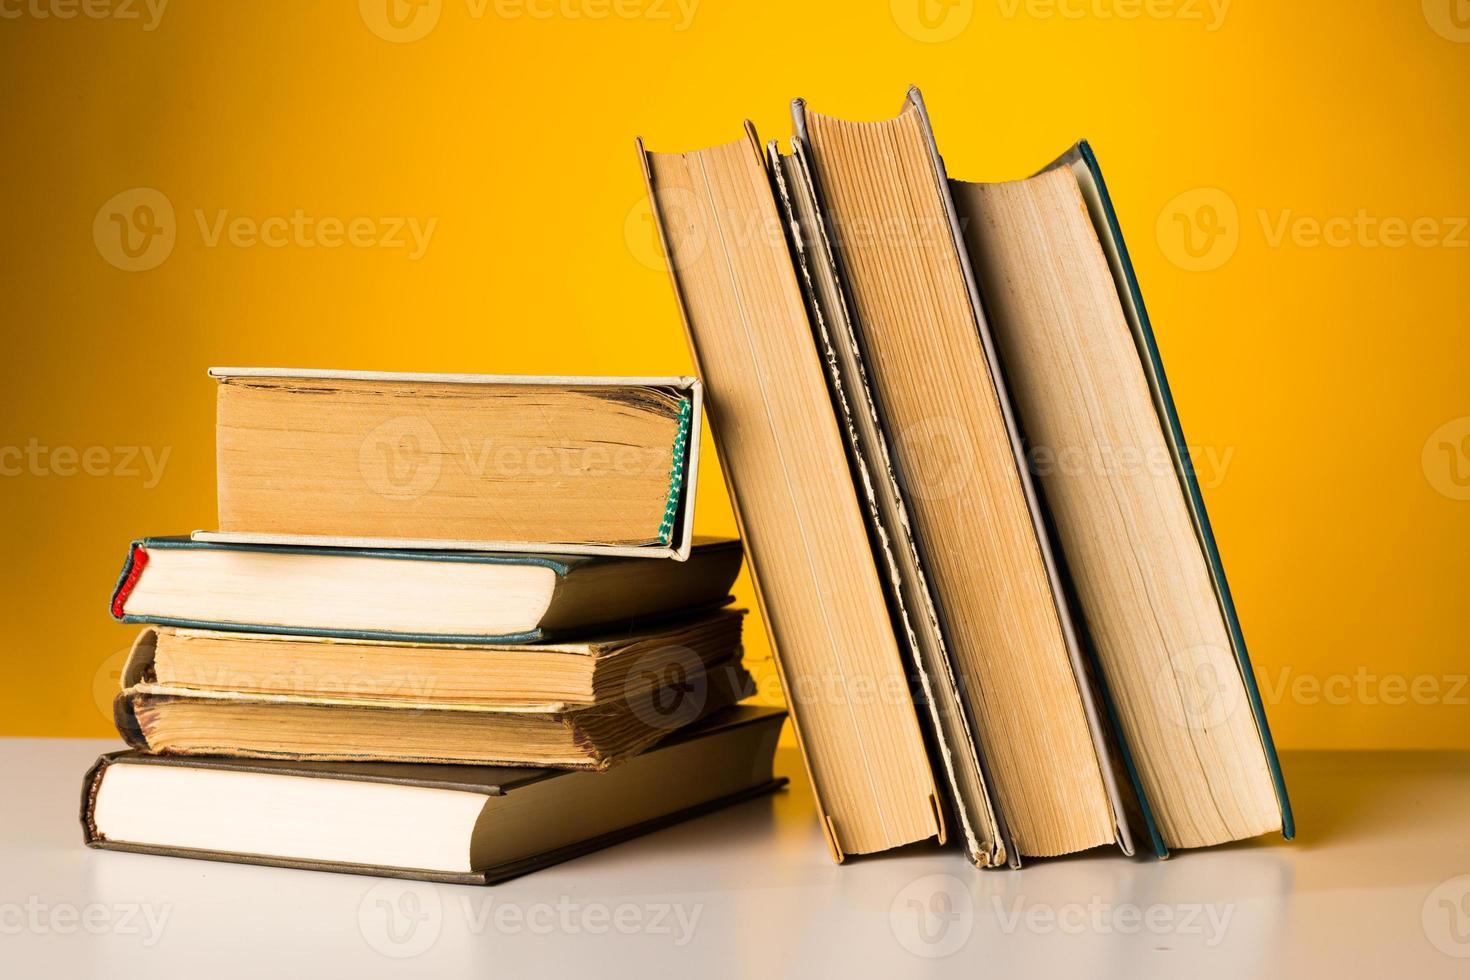 livres sur la table. photo